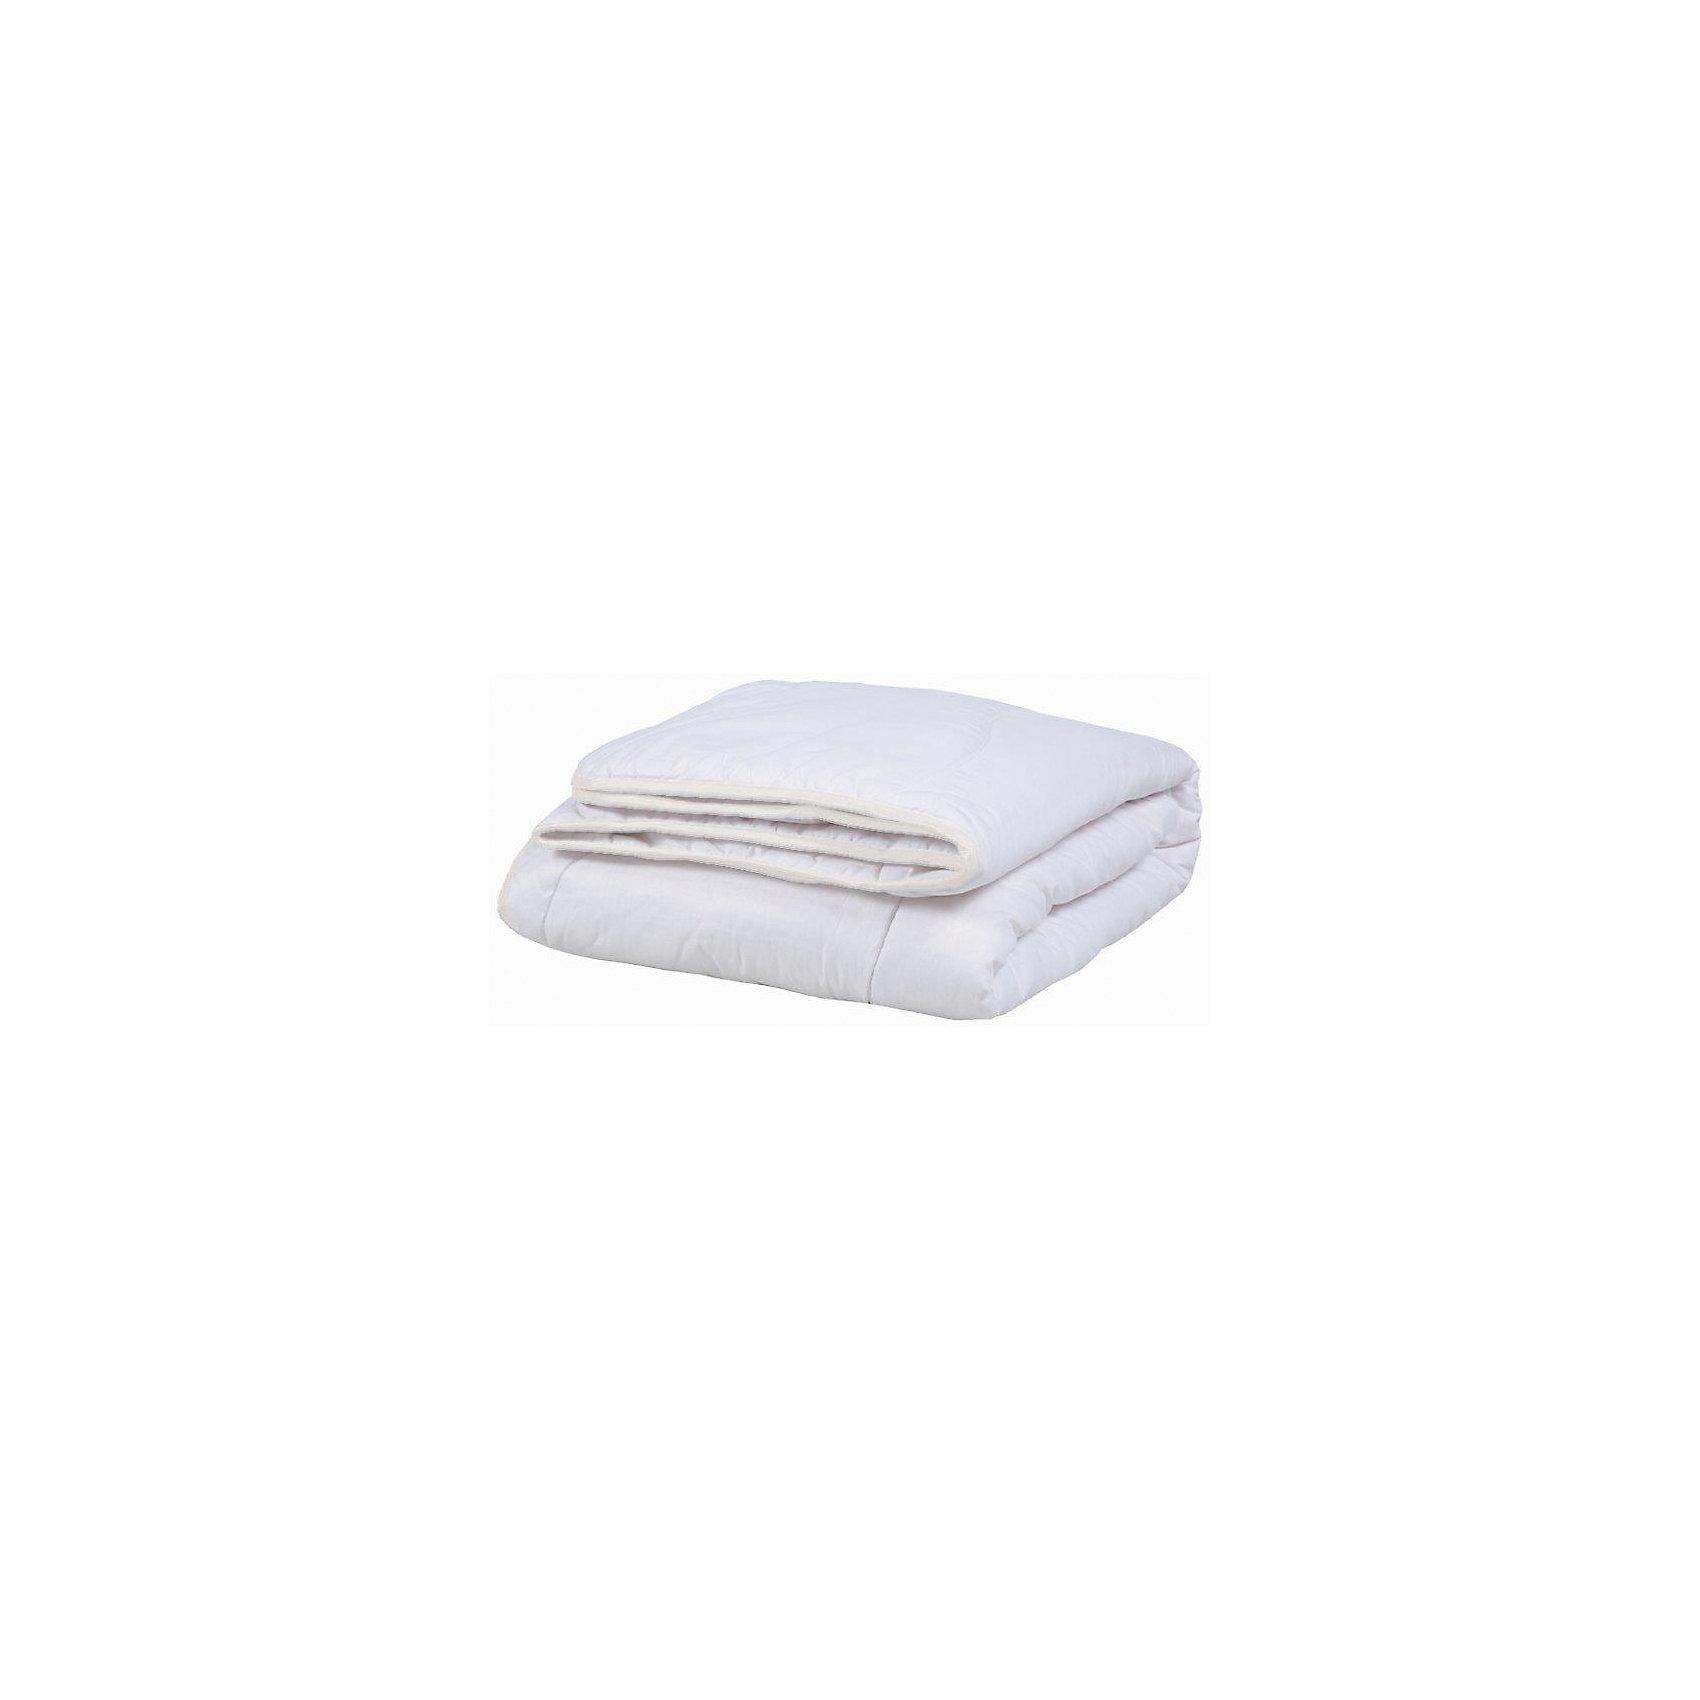 Одеяло 195*215 с хлопковым волокном, Mona LizaДомашний текстиль<br>Характеристики:<br><br>• размер одеяла: 195х215 см<br>• материал верха: шатель (50% хлопок, 50% полиэстер<br>• наполнитель: пласт (30% хлопок, 70% полиэфир)<br>• плотность наполнителя: 200 г/м2<br>• размер упаковки: 47х25х47 см<br>• вес: 1900 грамм<br><br>Одеяло Mona Liza с наполнителем из хлопкового волокна отлично подойдет даже для людей с чувствительной кожей. Оно пропускает воздух, впитывает лишнюю влагу и обладает гипоаллергенностью. Наполнитель не собирается в комки, практически не электризуется и обеспечивает правильную терморегуляцию.<br><br>Одеяло 195*215 с хлопковым волокном, Mona Liza (Мона Лиза) вы можете купить в нашем интернет-магазине.<br><br>Ширина мм: 470<br>Глубина мм: 250<br>Высота мм: 470<br>Вес г: 1900<br>Возраст от месяцев: 84<br>Возраст до месяцев: 600<br>Пол: Унисекс<br>Возраст: Детский<br>SKU: 6765298